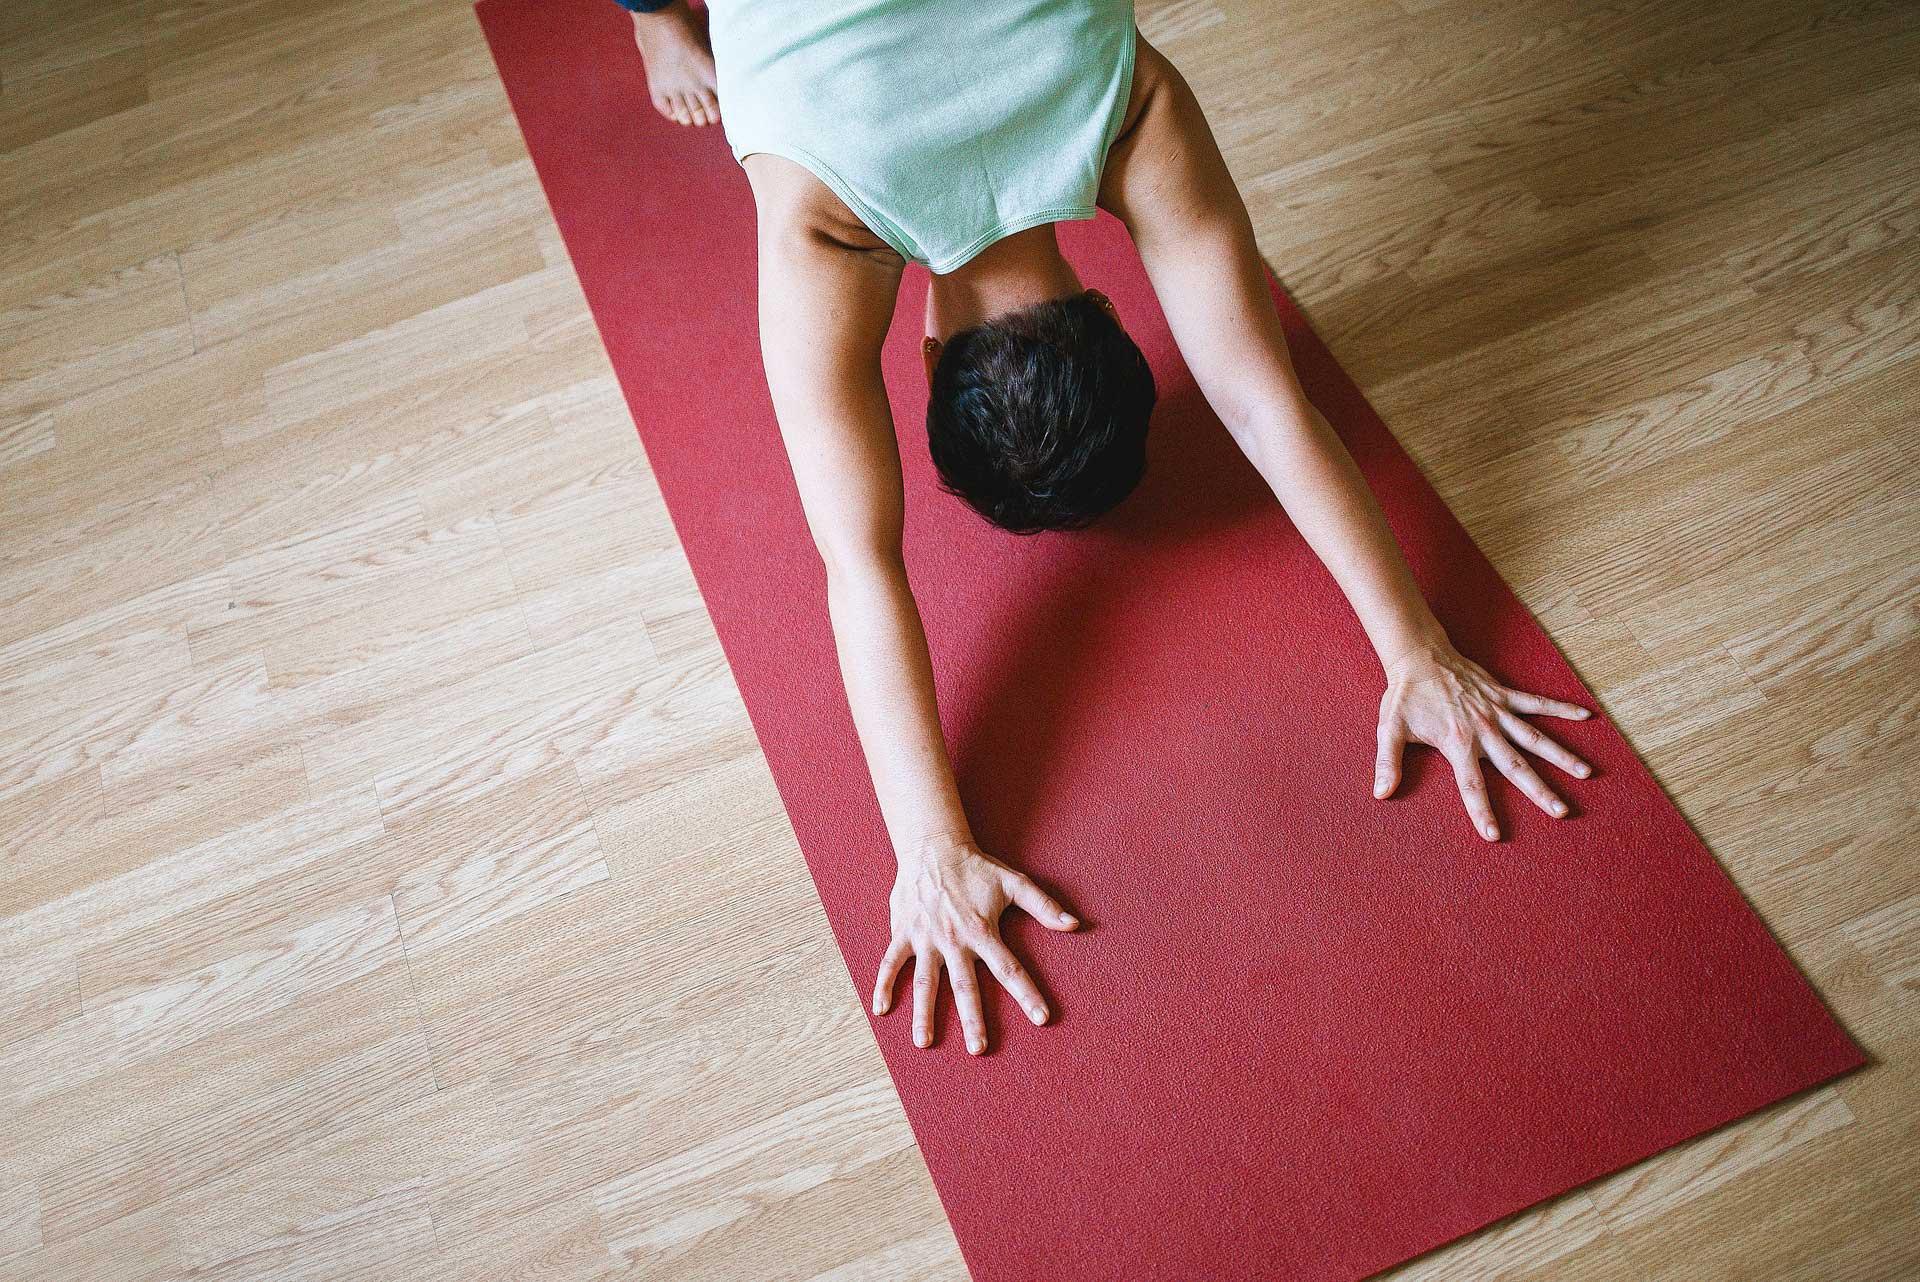 Yoga Downward Dog on mat